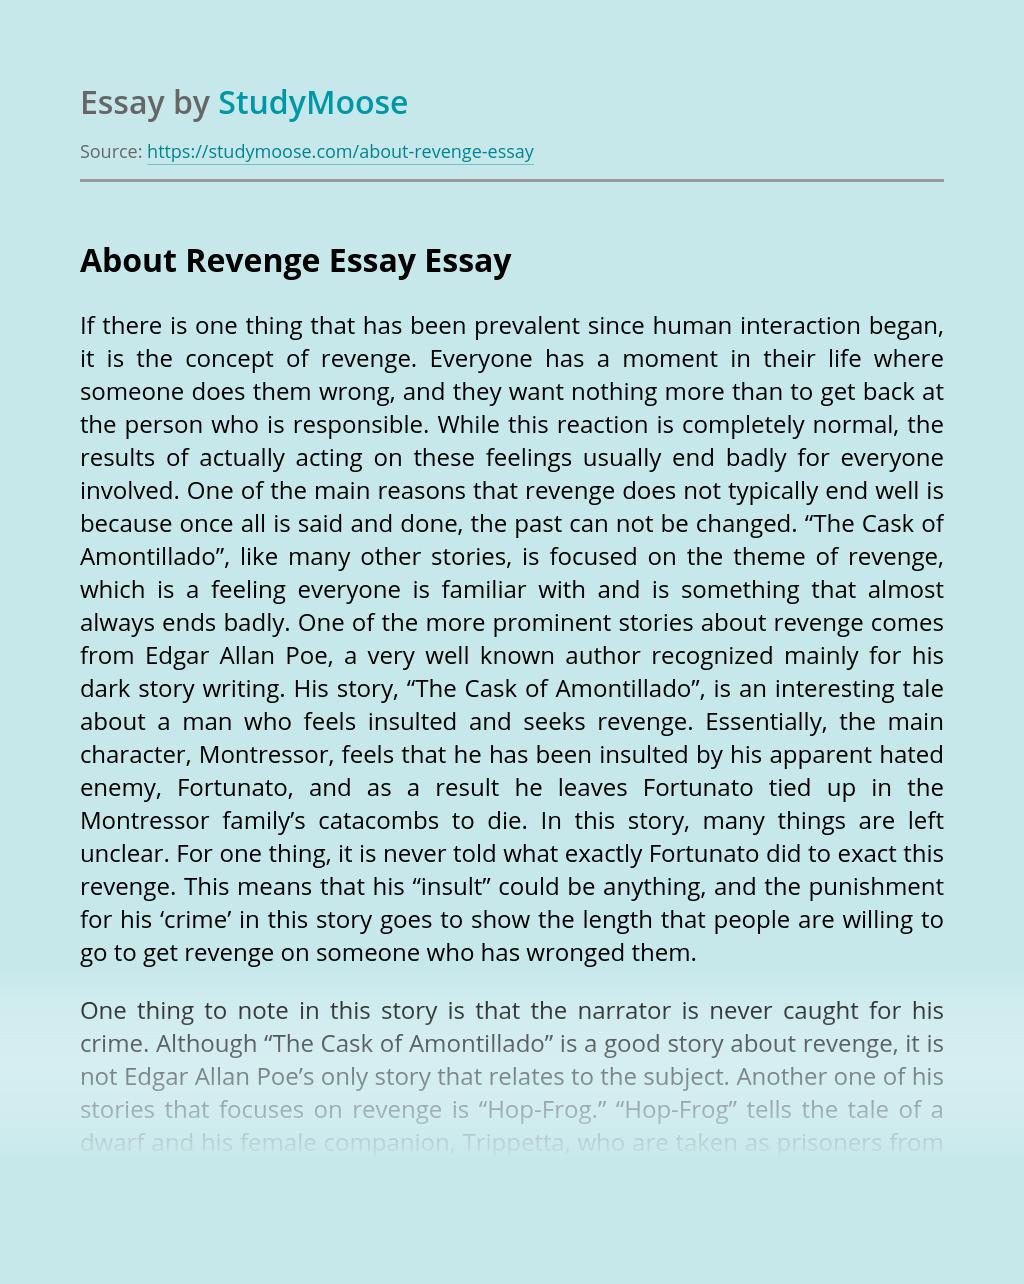 About Revenge Essay